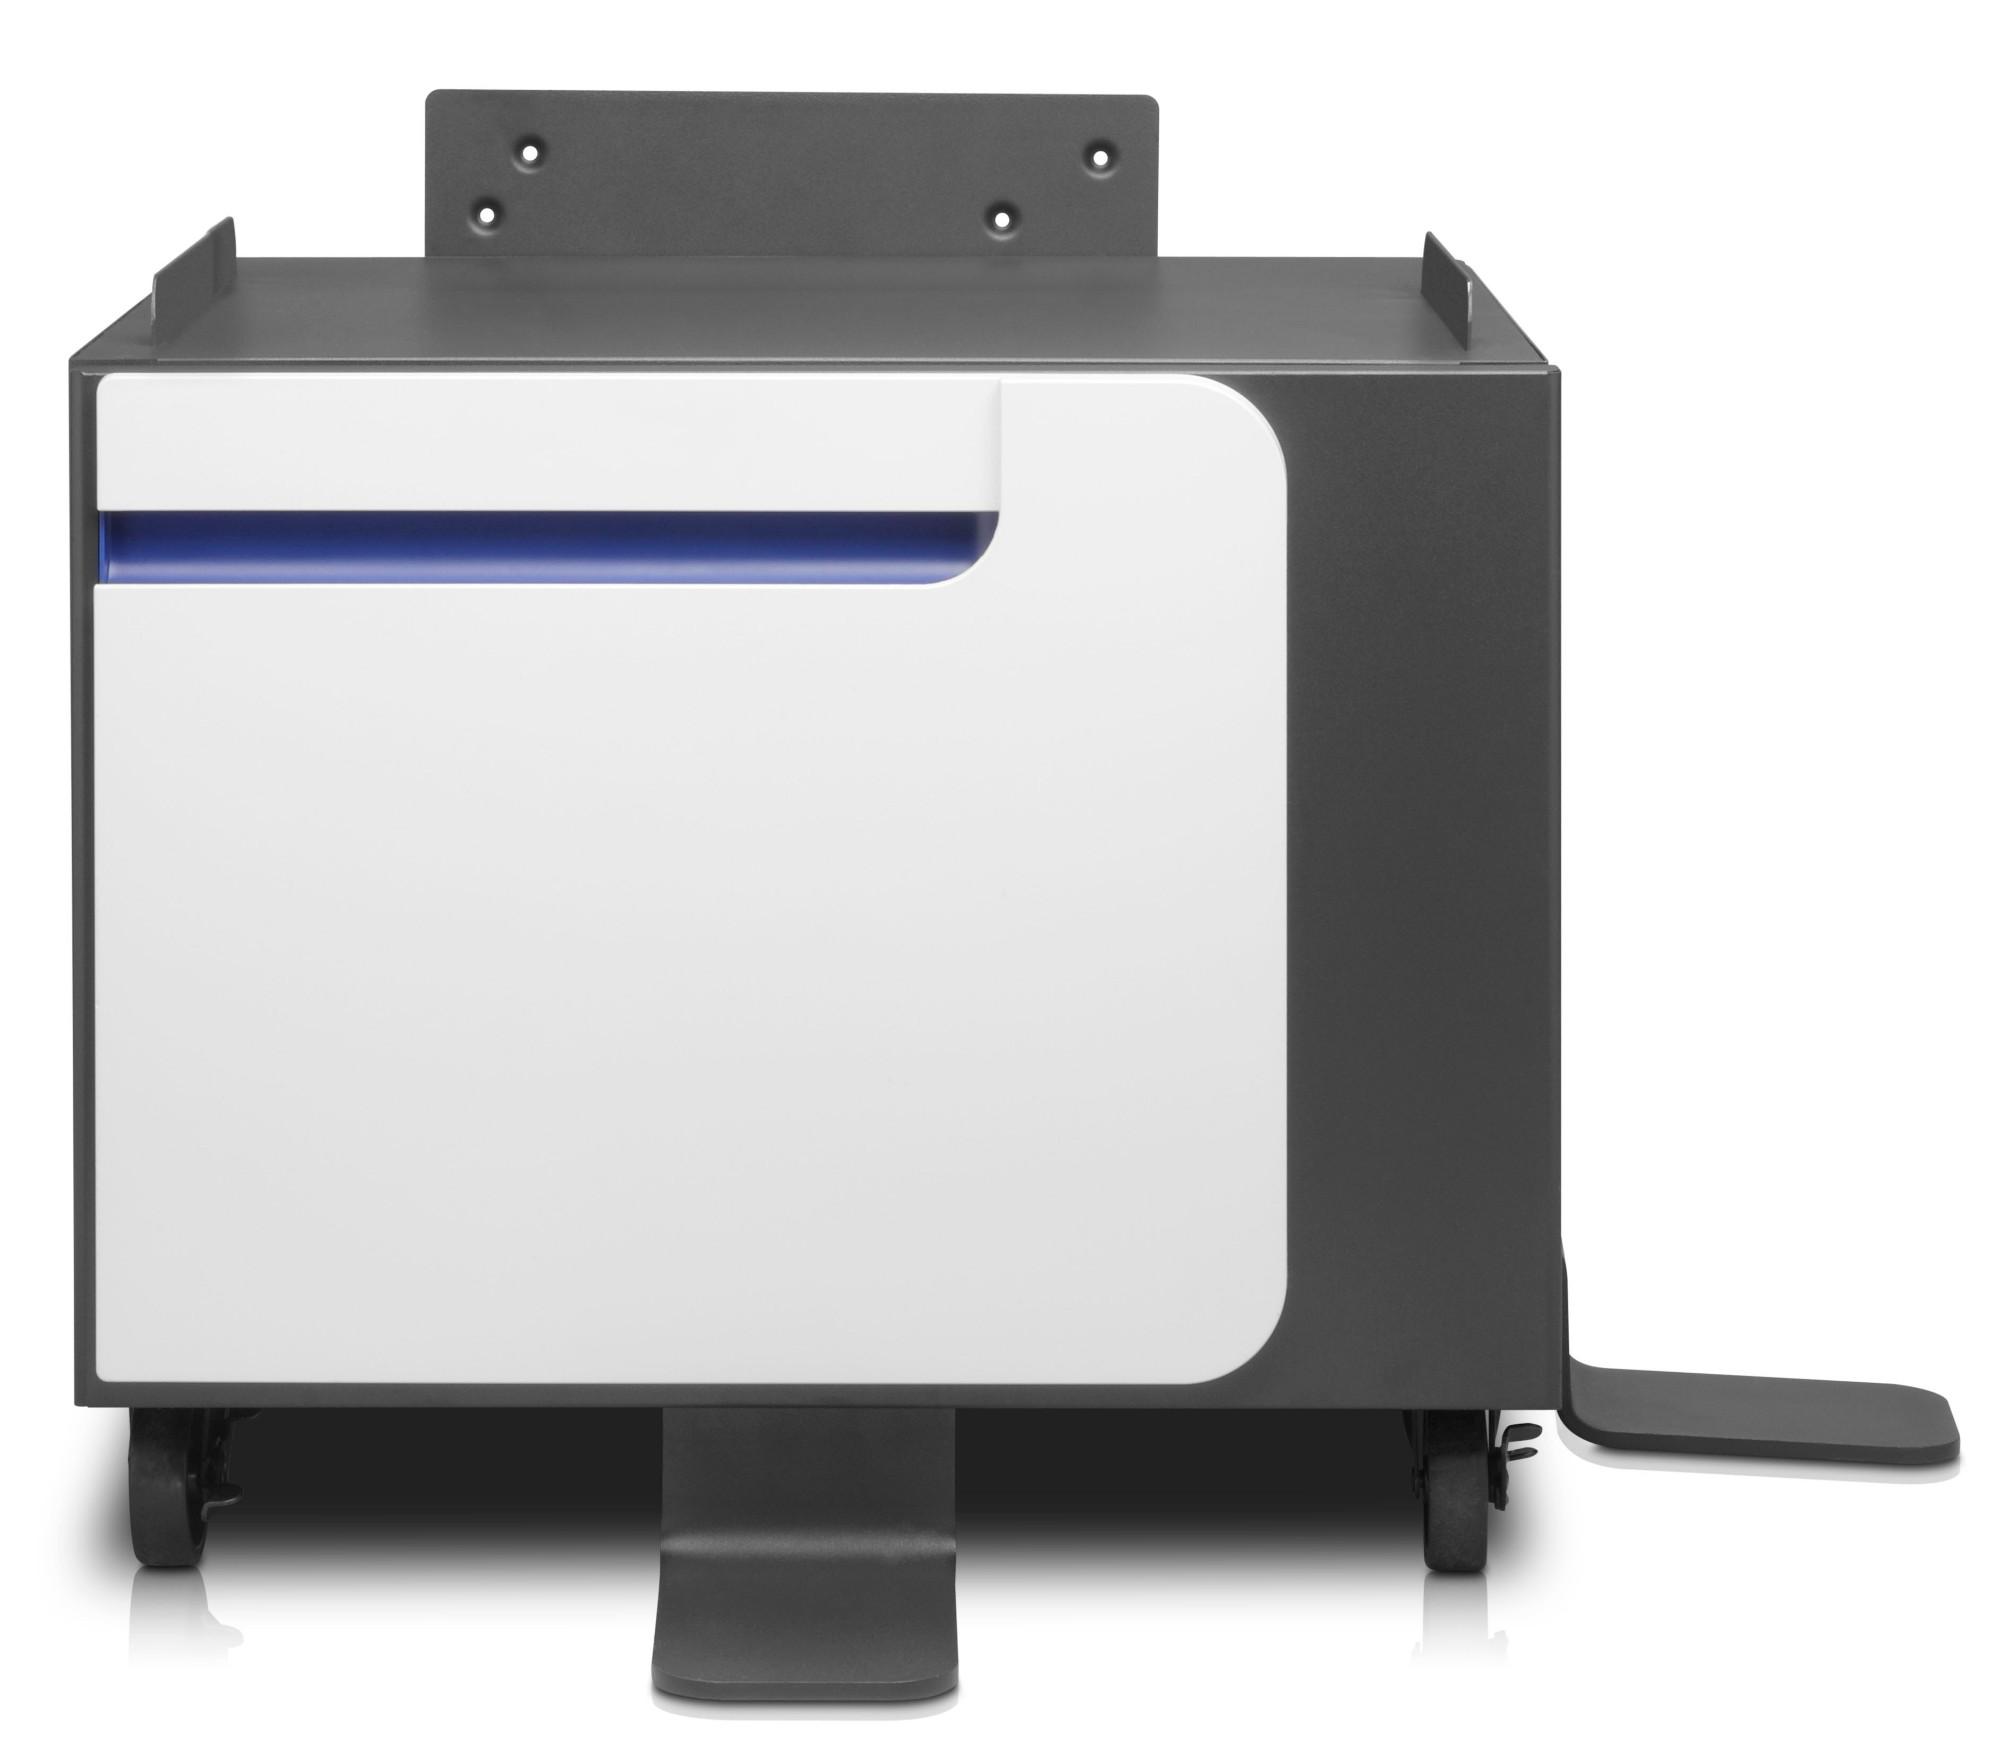 HP LaserJet 500 Color printerseriekast